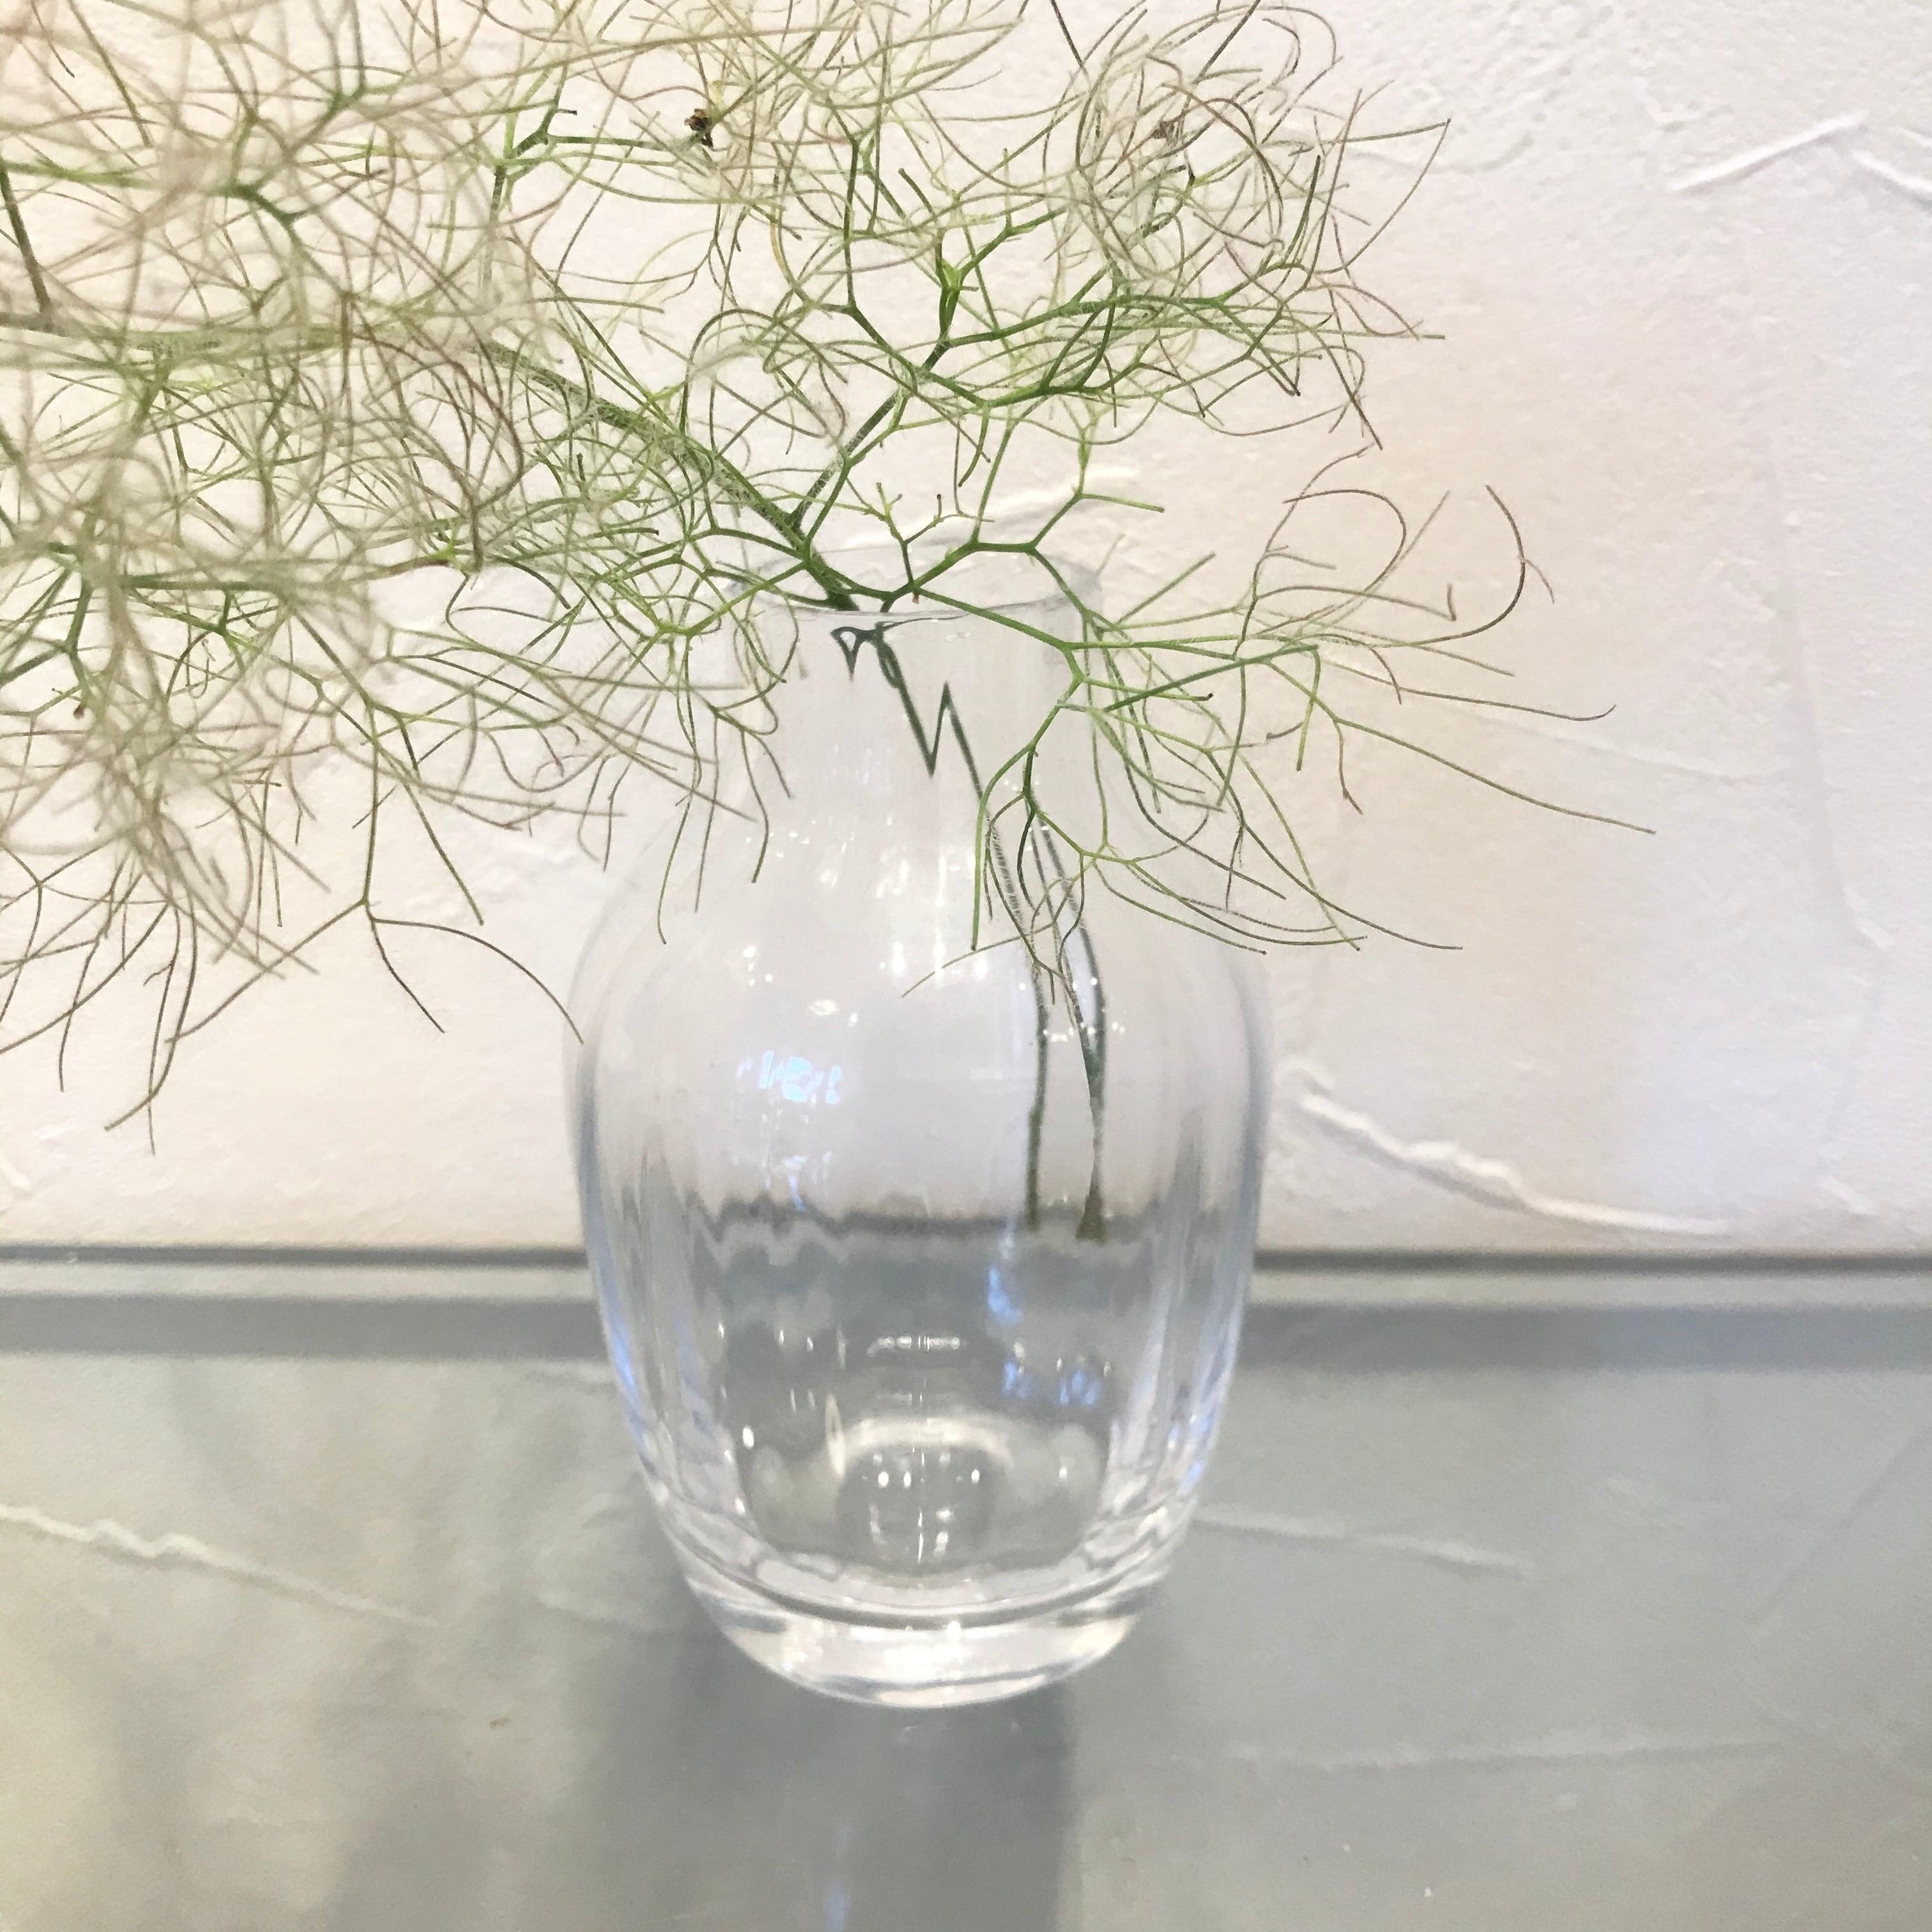 BOB CRAFT ボブクラフト ギムレット  小さなフラワーベース 花瓶